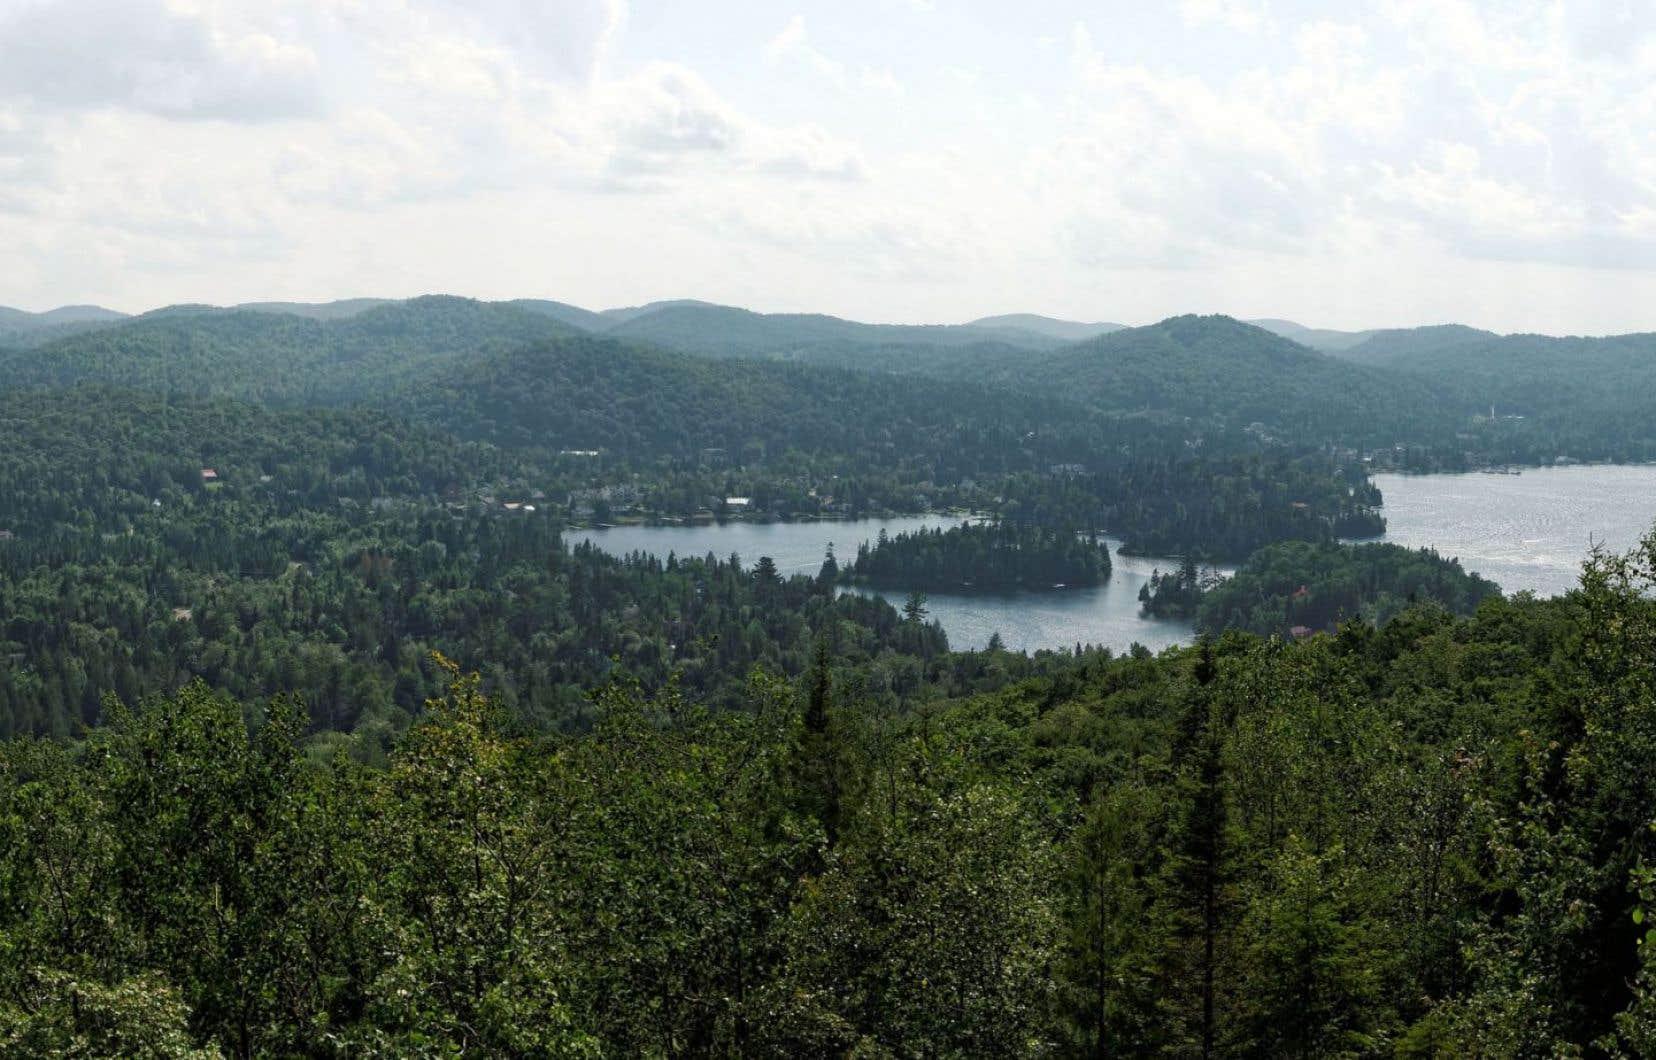 Le lac Théodore et le lac Saint-Joseph vus du sentier du Calvaire, à Saint-Adolphe-d'Howard